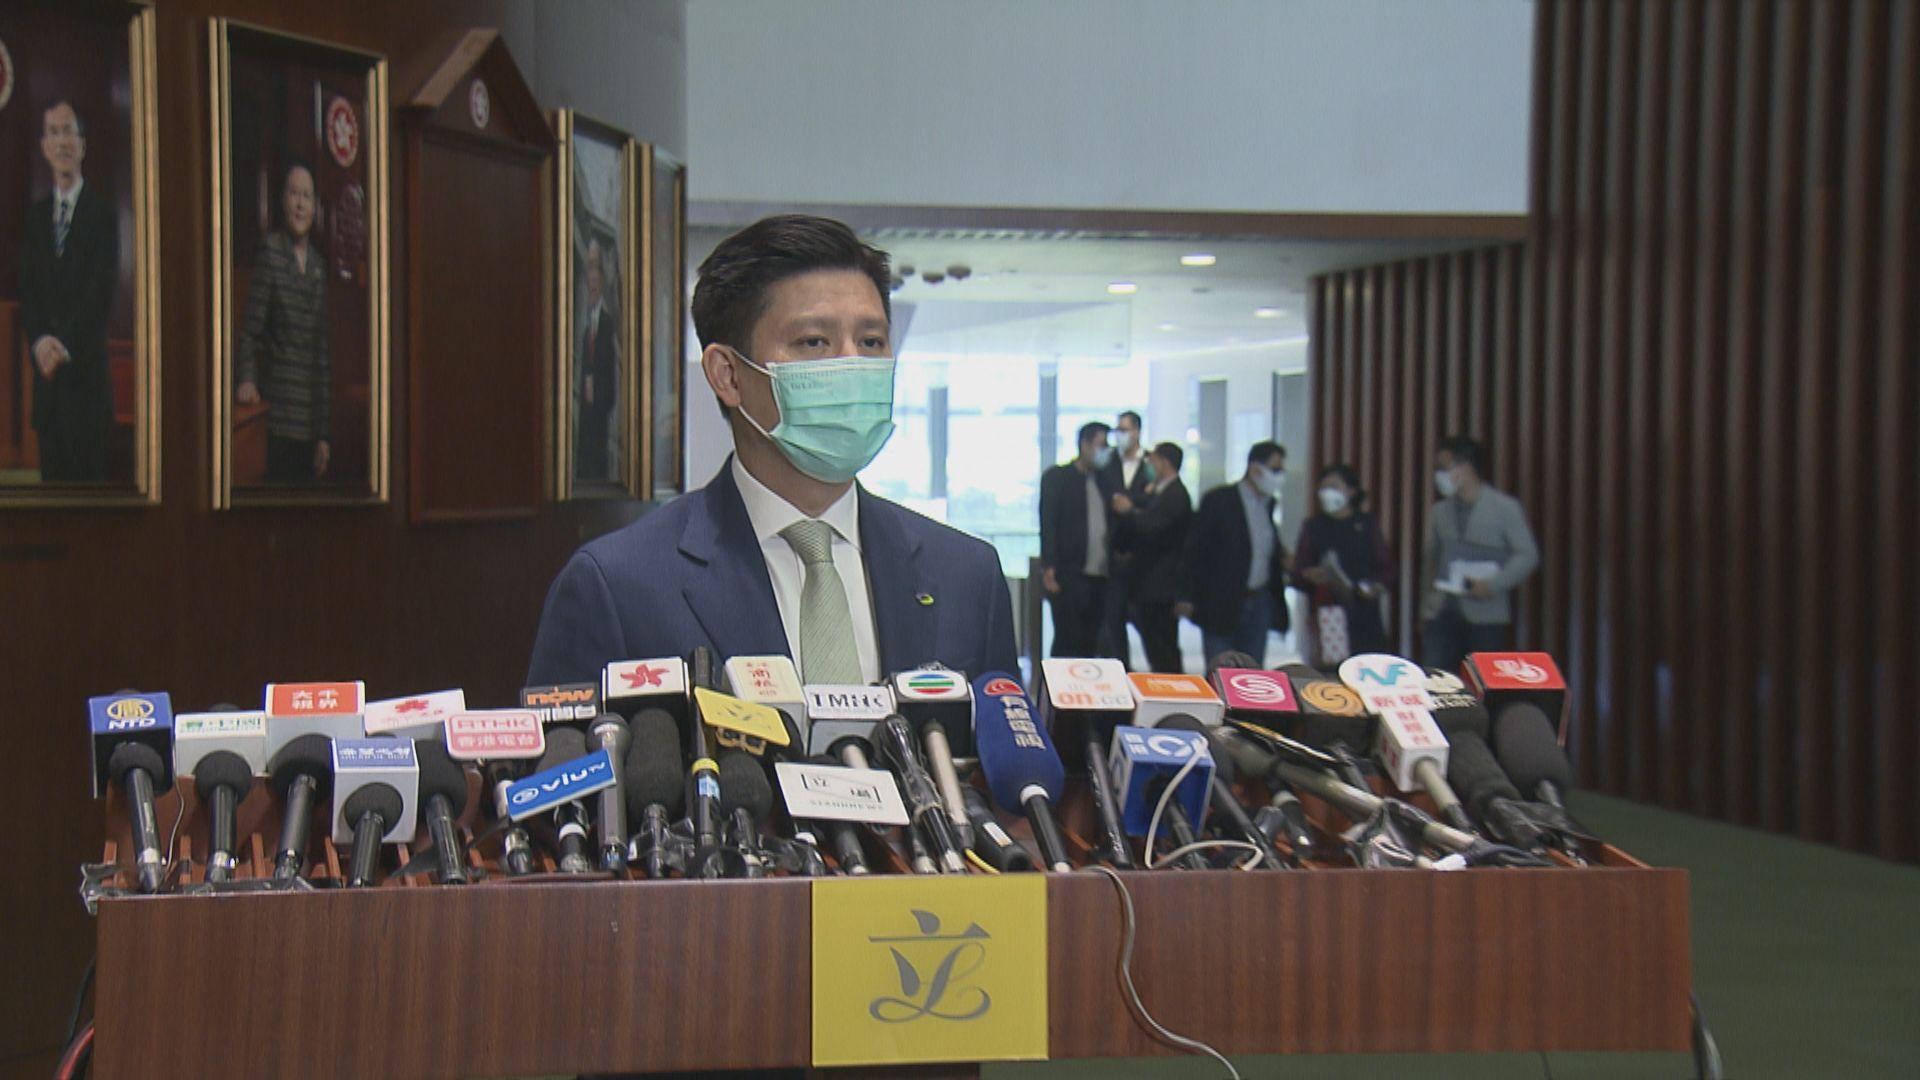 譚文豪:不一定要裁員 對國泰失望